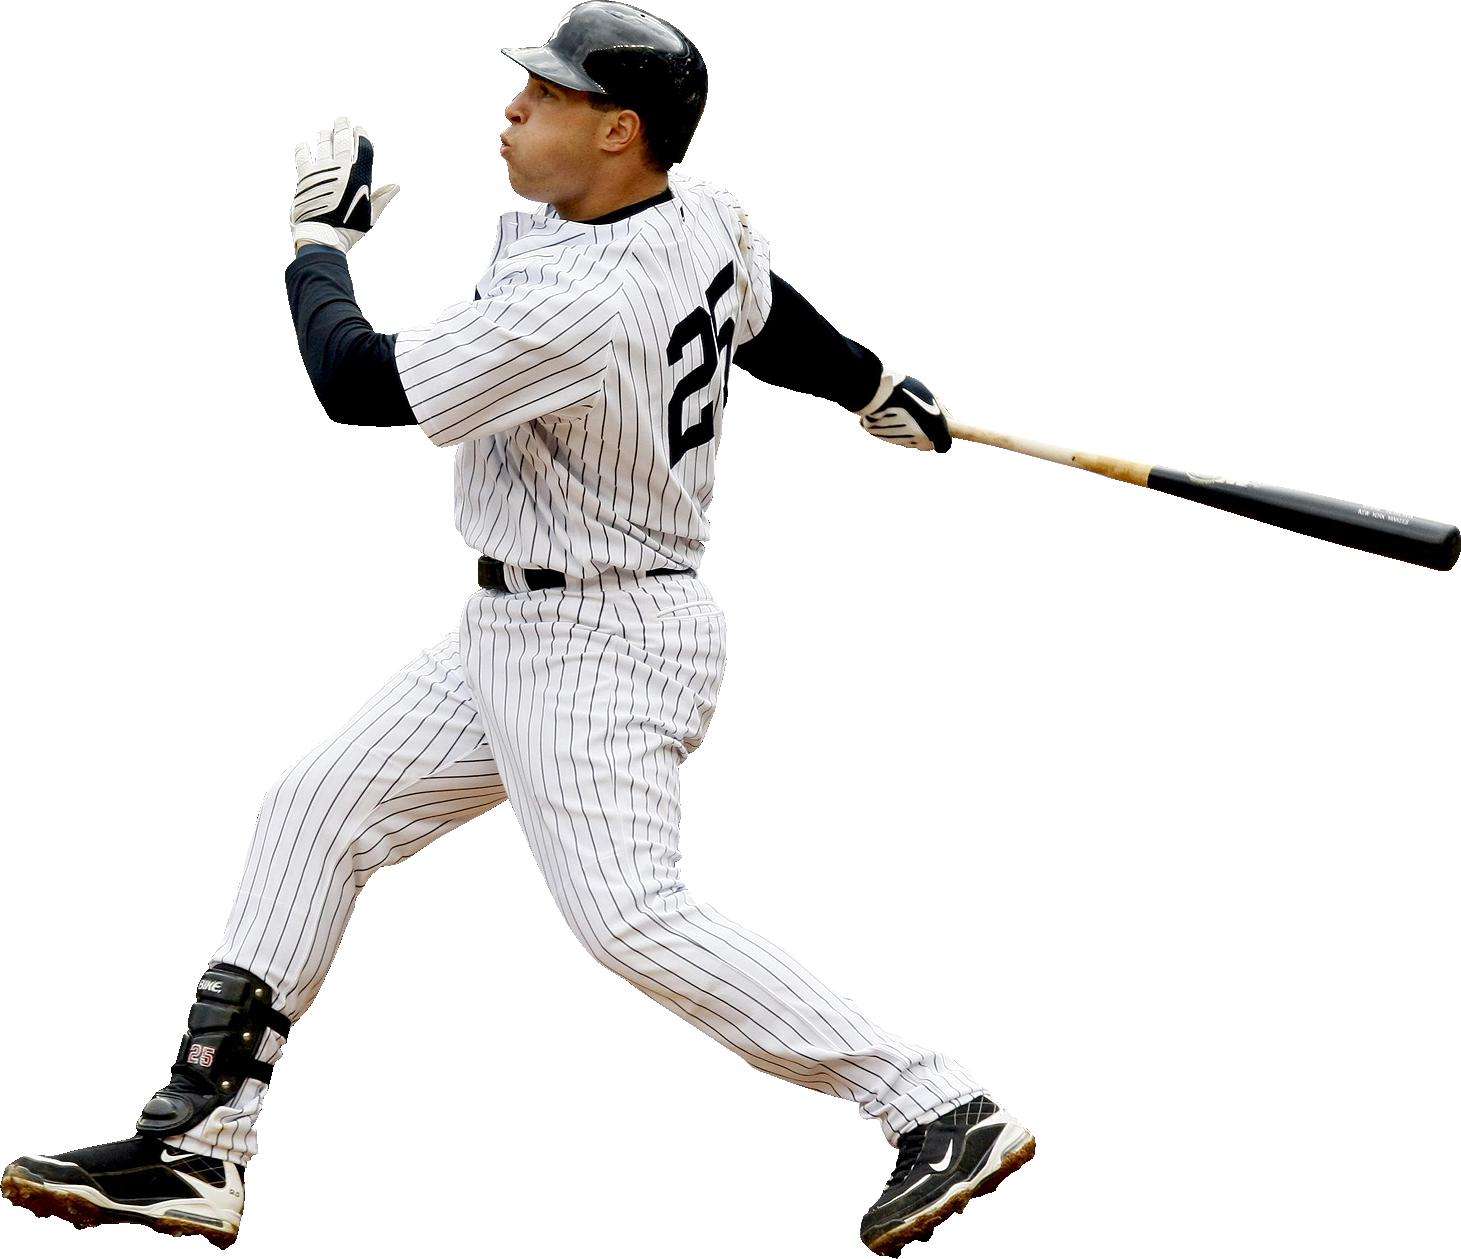 Baseball Player PNG Image